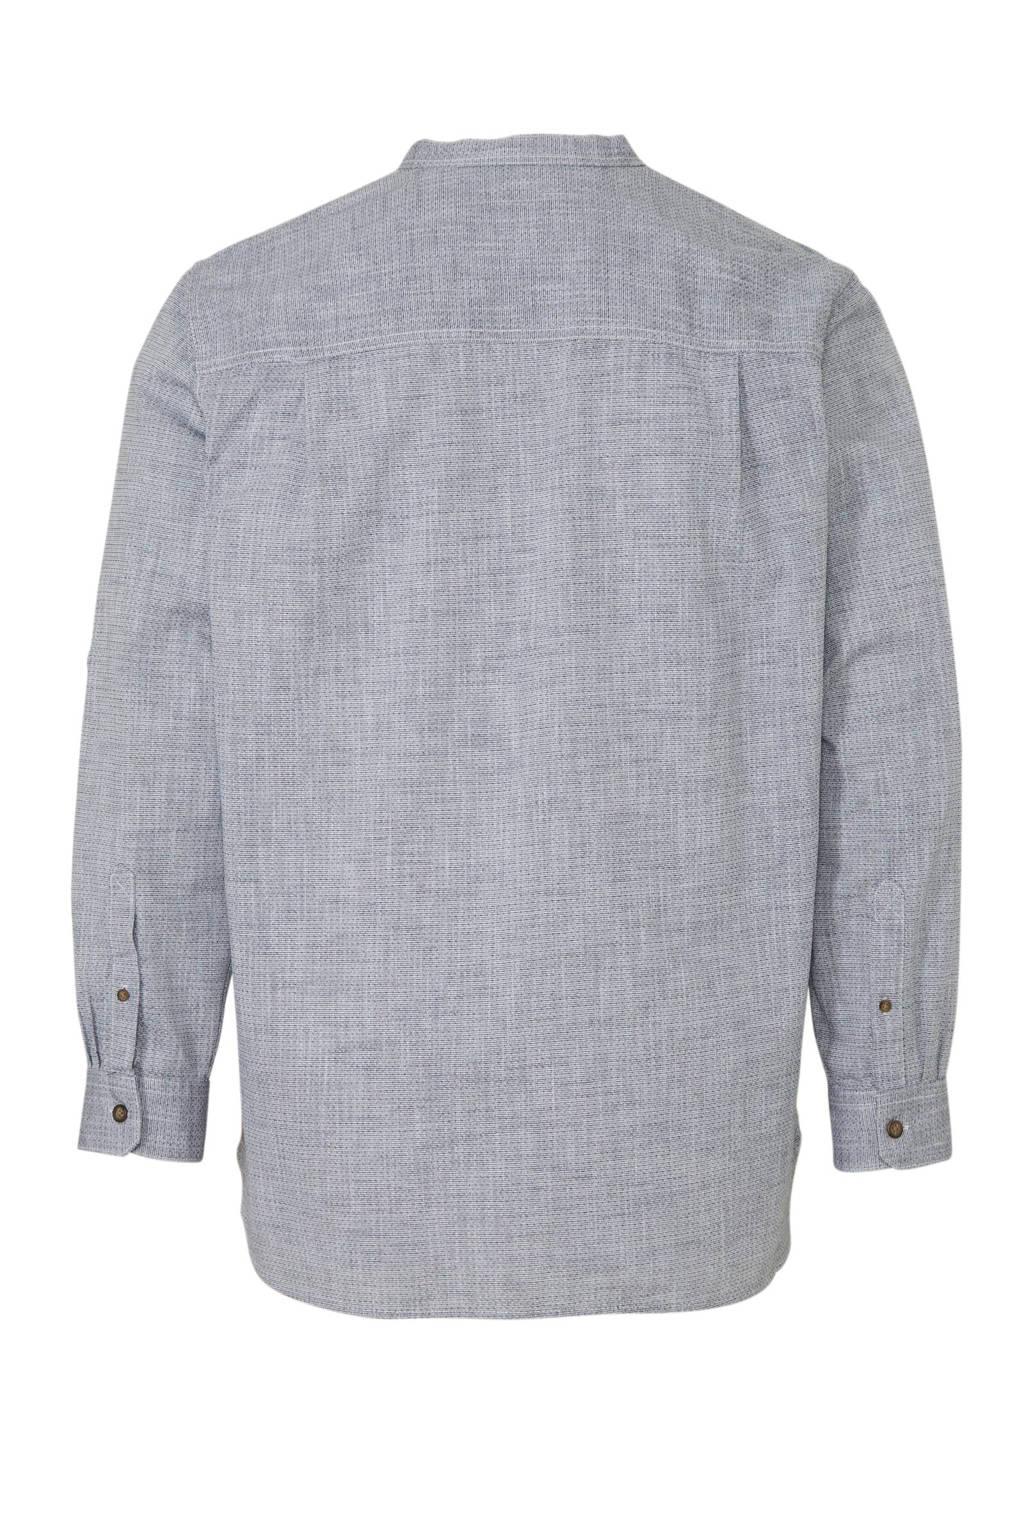 C&A XL Canda gemêleerd regular fit overhemd lichtblauw, Lichtblauw